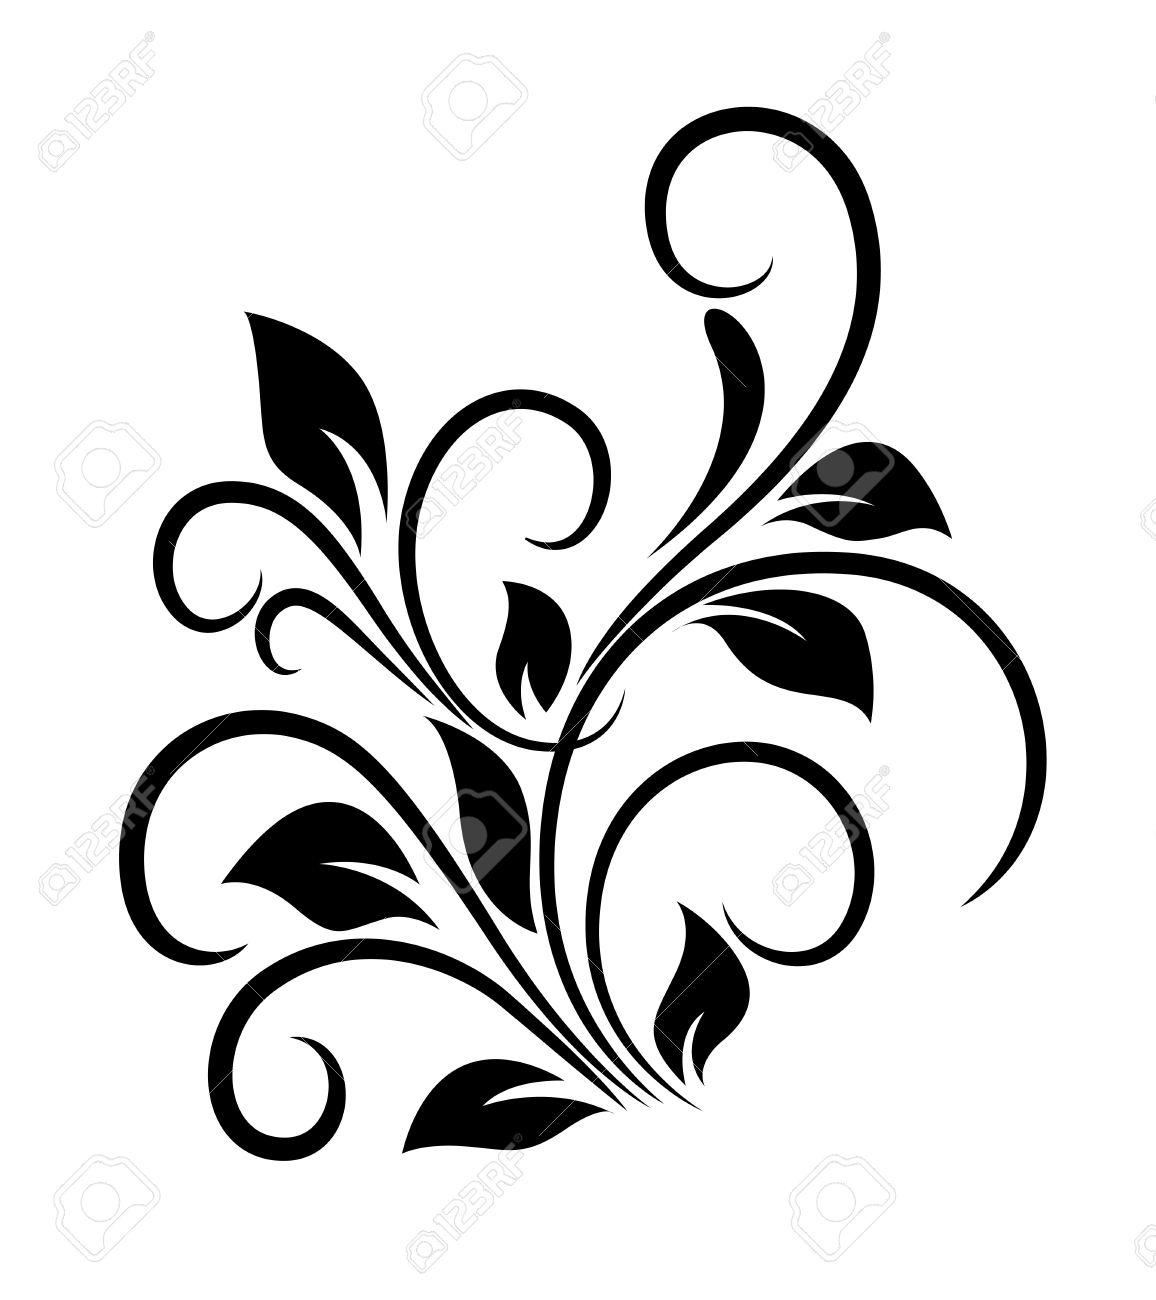 http://previews.123rf.com/images/vectorshots/vectorshots1211/vectorshots121100144/16101080-Swirl-Floral-Vector-Stock-Vector-filigree.jpg